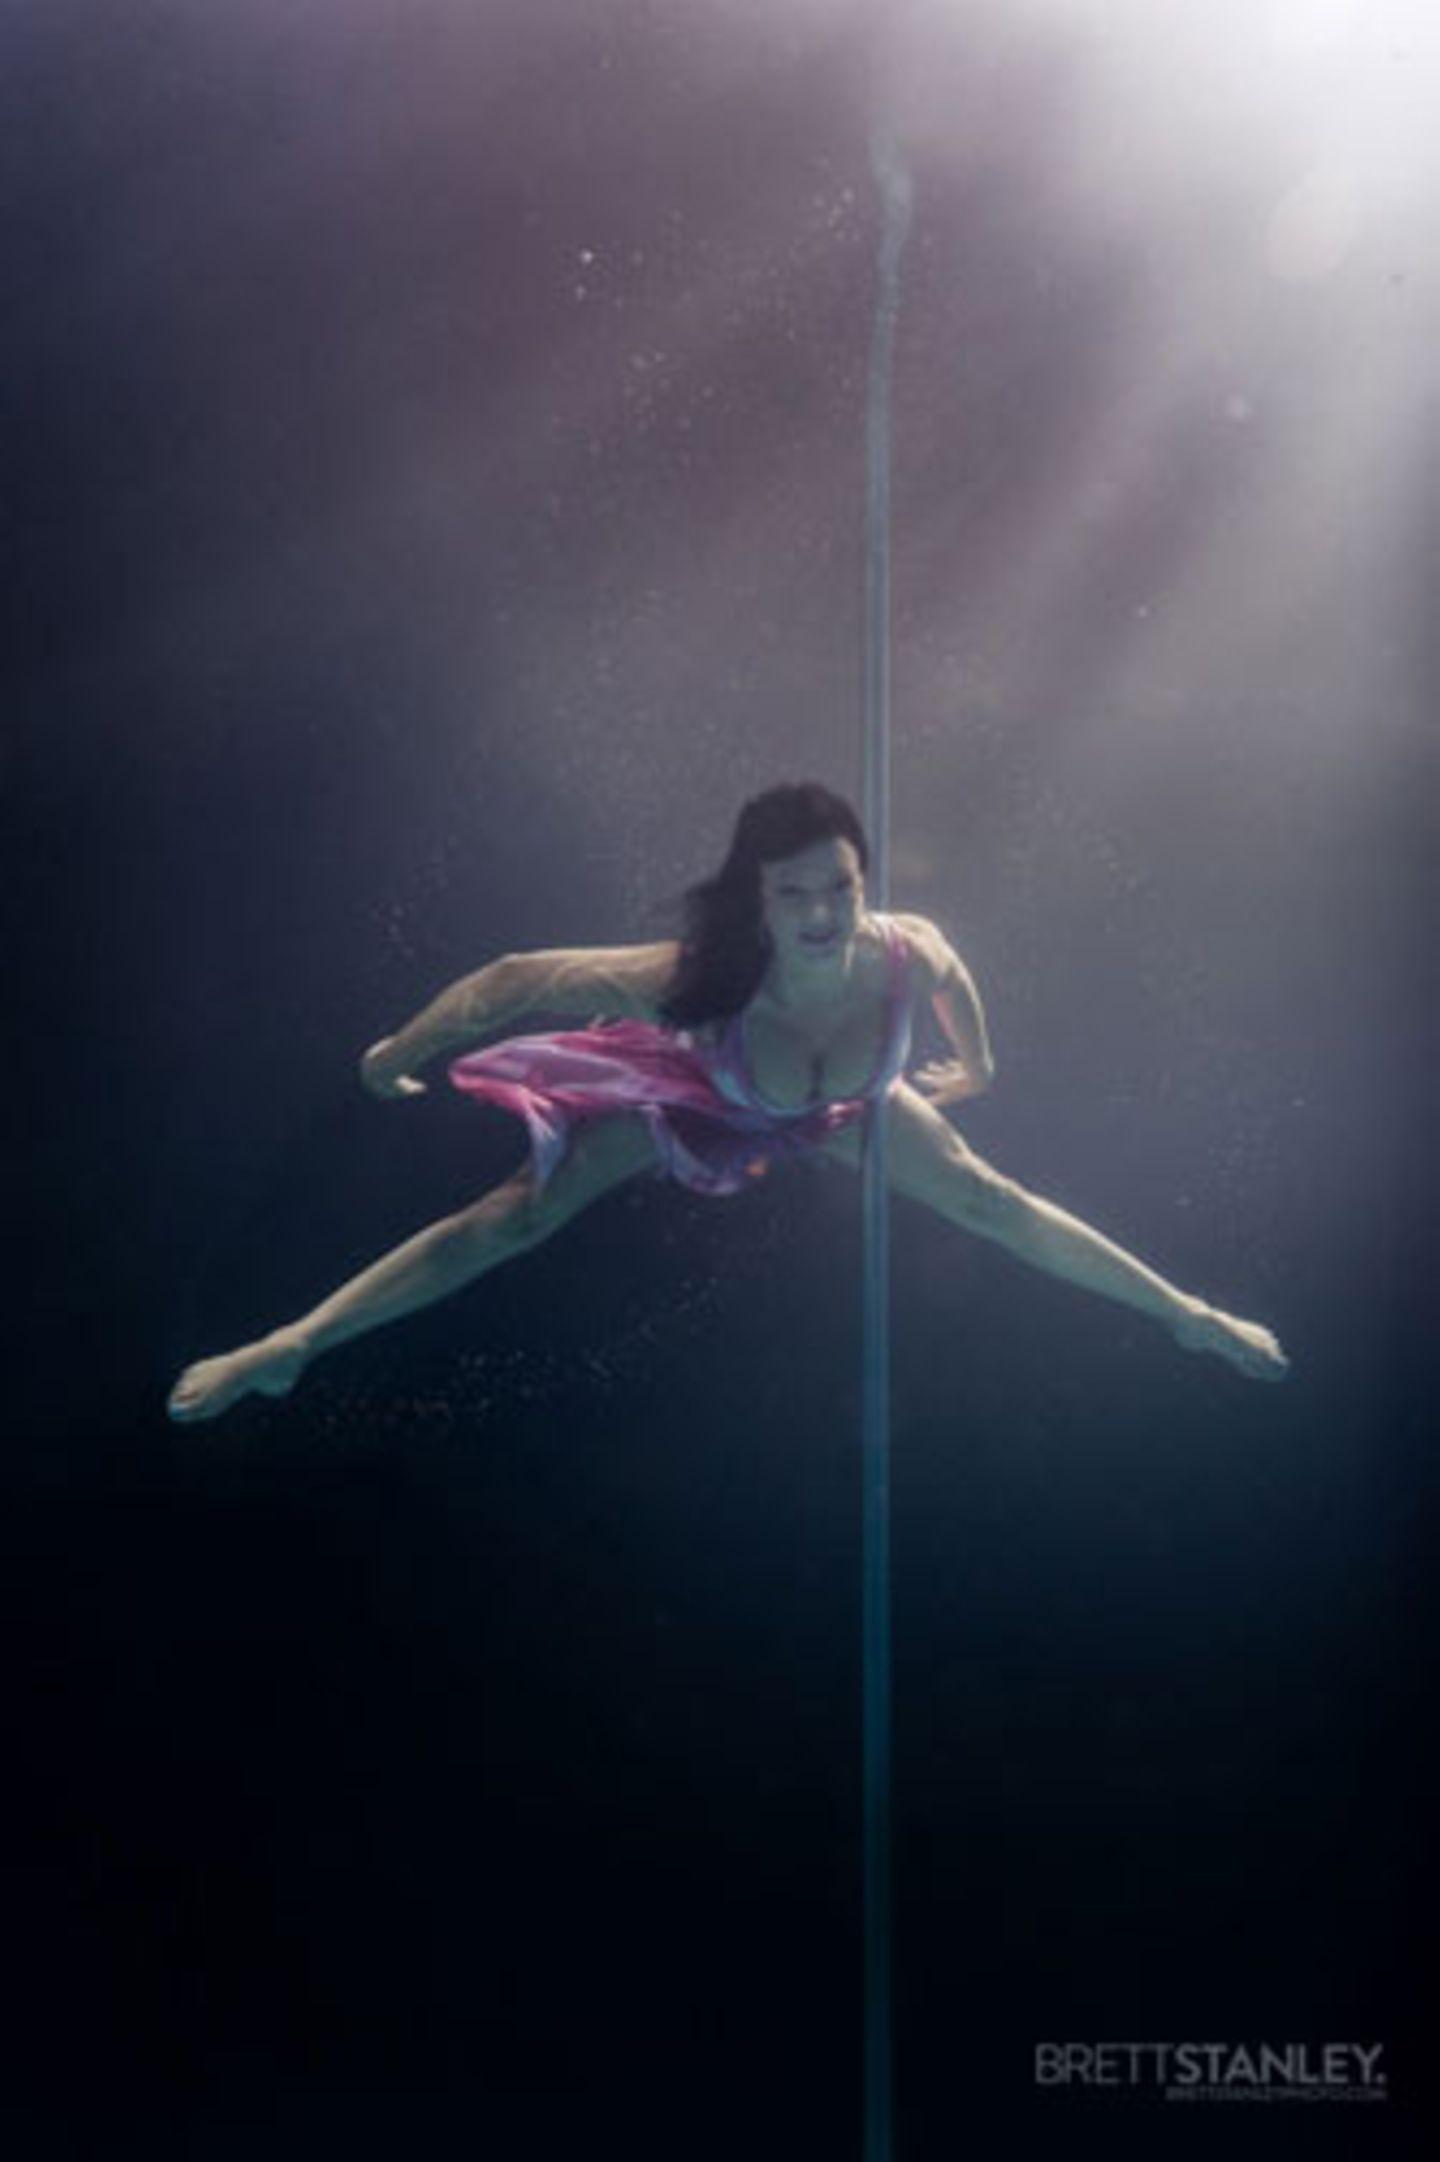 Beim Pole Dance wird zwischen drei Grundelementen unterschieden: Spins - Drehungen die Stange hinab, Climbs - Akrobatik an der Stange ohne Bodenkontakt, und Tanz an der Stange.